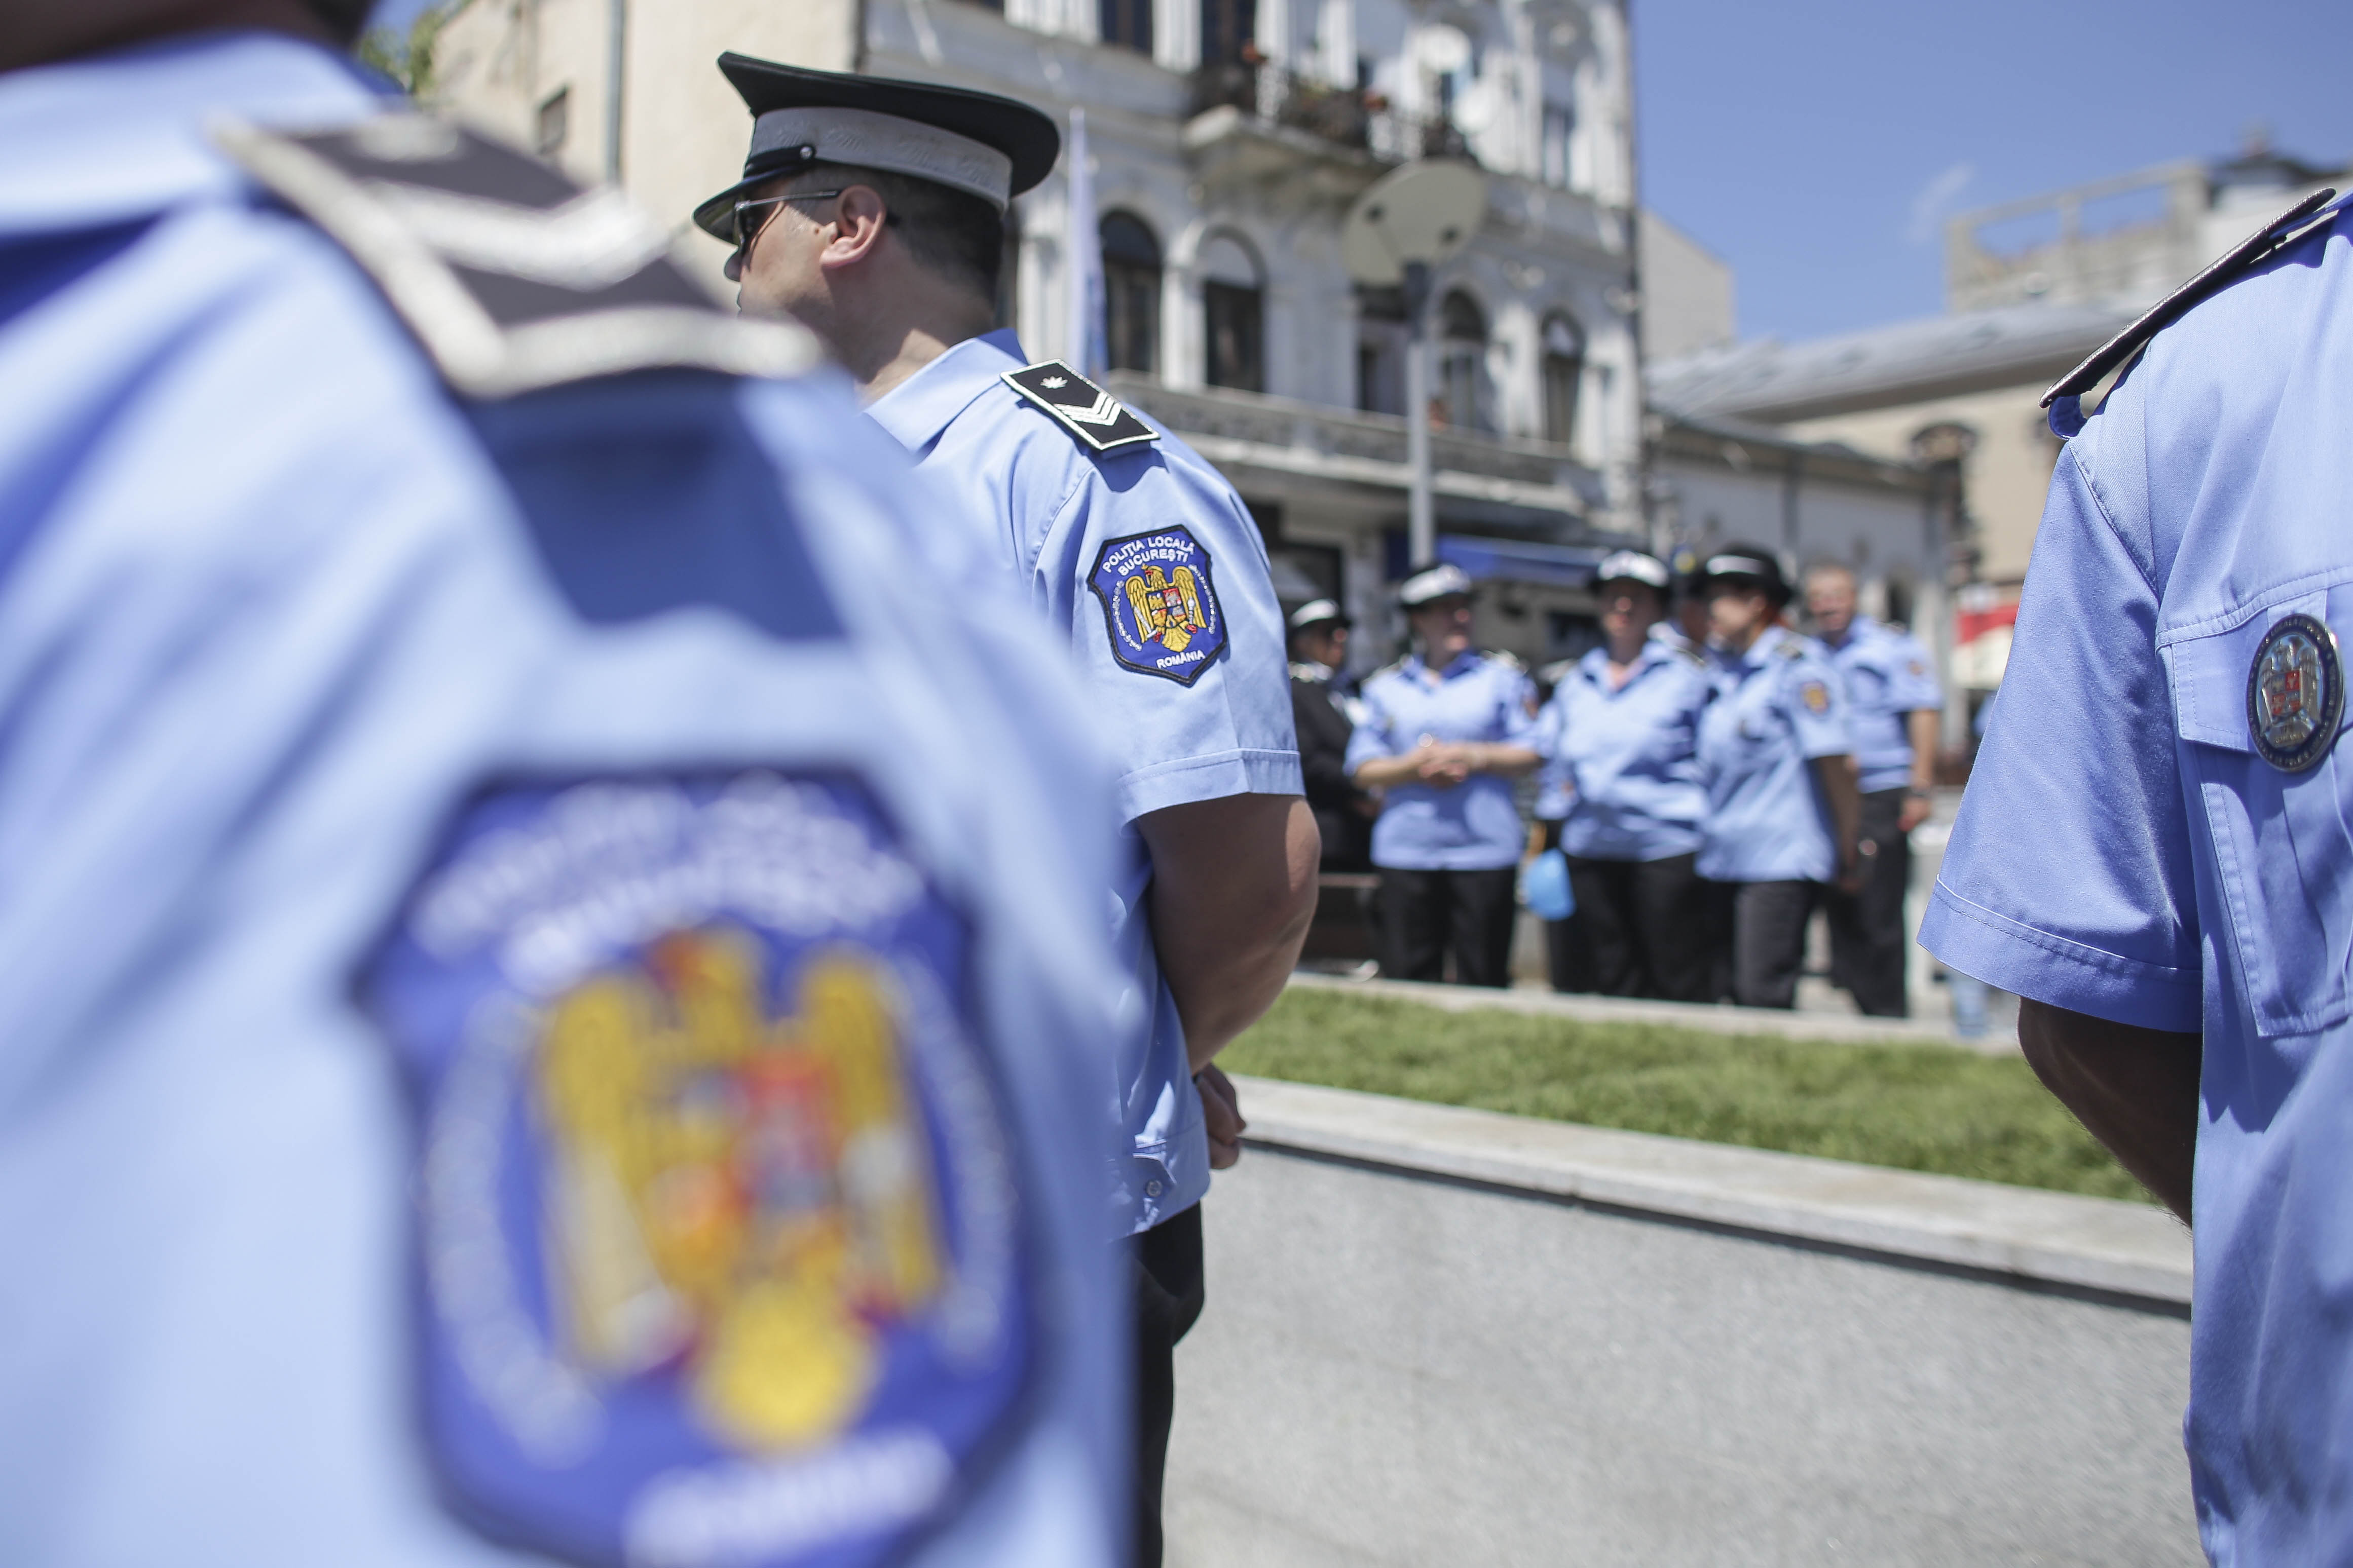 Proiect de Lege: Stimulent de risc de 2.000 de lei pe lună pentru poliţiştii locali